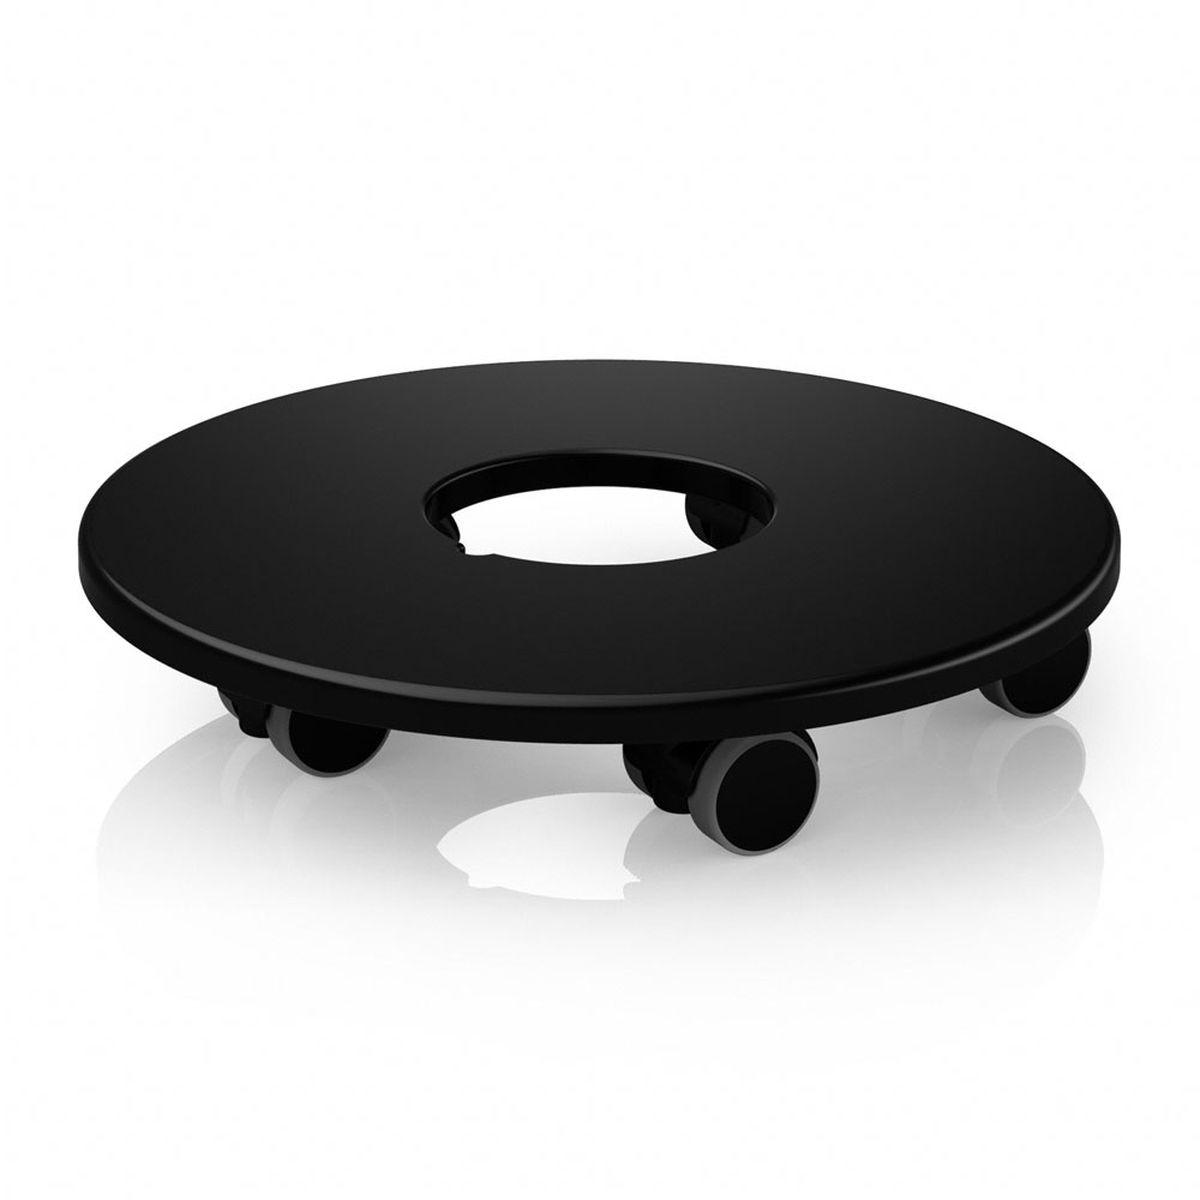 Подставка на колесах для кашпо Lechuza Classico/Quadro, 50 см13403Изящная форма кашпо RONDO является одновременно элегантной и несложной, и позволяет представить в выгодном свете любое растение. Сочетание кашпо с моделями CLASSICO идеально дополняет общую картину. Особые преимущества: - Всегда элегантный дизайн кашпо, соответствующий серии CLASSICO - Совершенная форма кашпо, для самых разных растений и позиций Внутренний горшок с выдвижными ручками обеспечивает: - Легкую переноску даже высоких растений - Легкую смену растений